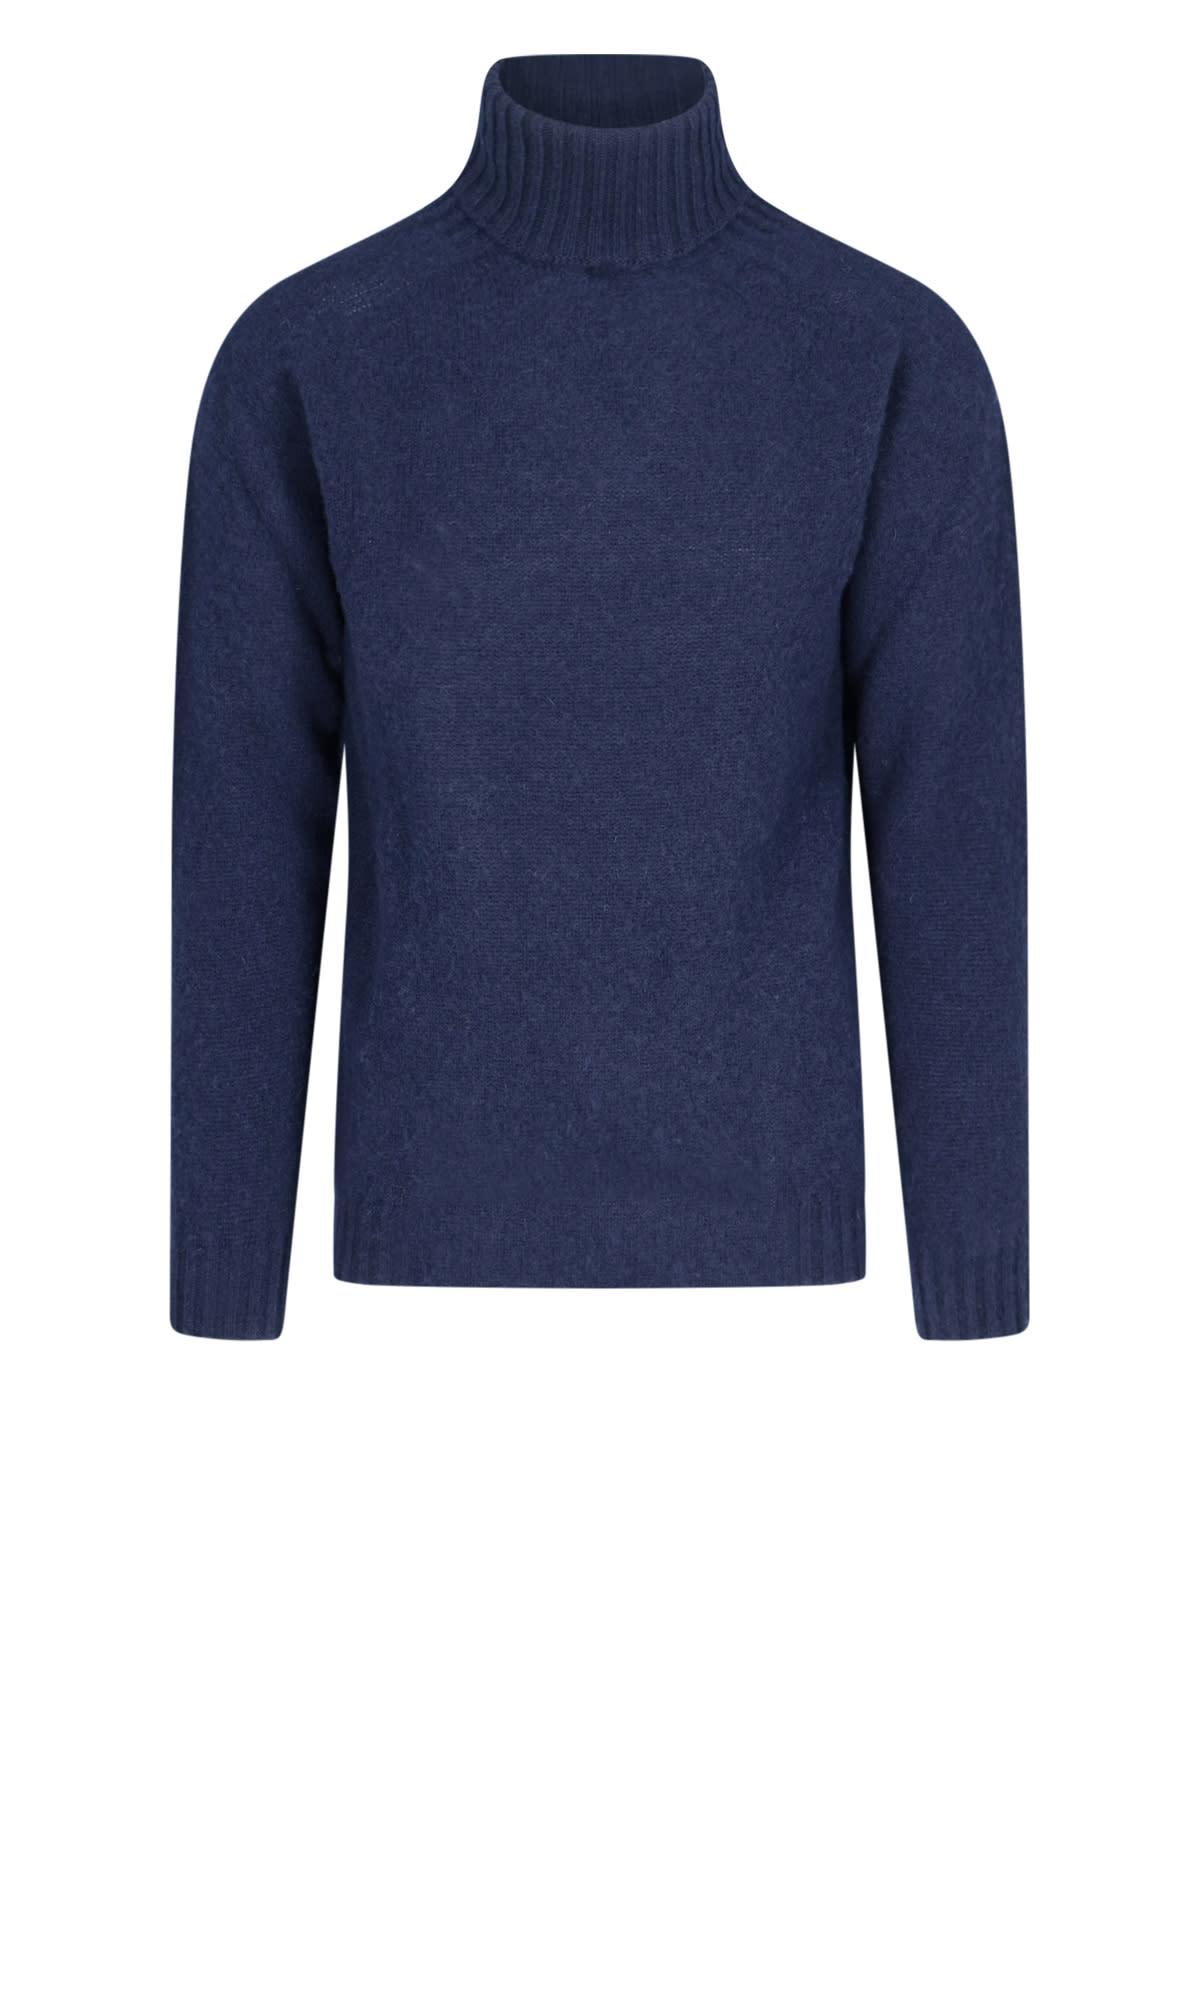 Howlin' Sweater In Blue